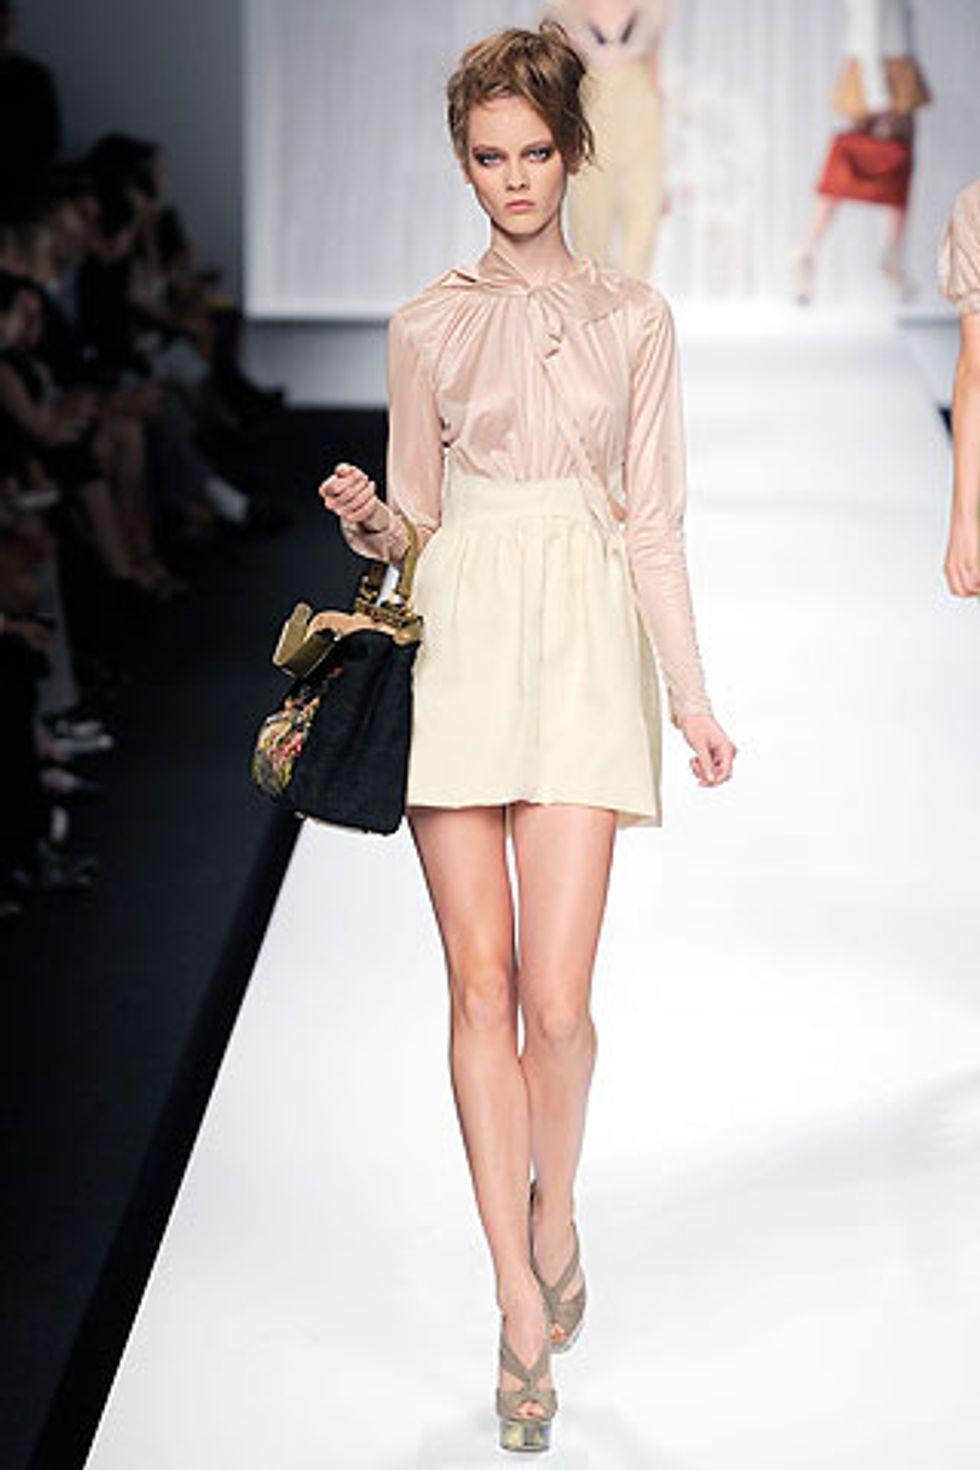 Milan Fashion Week Report: Fendi